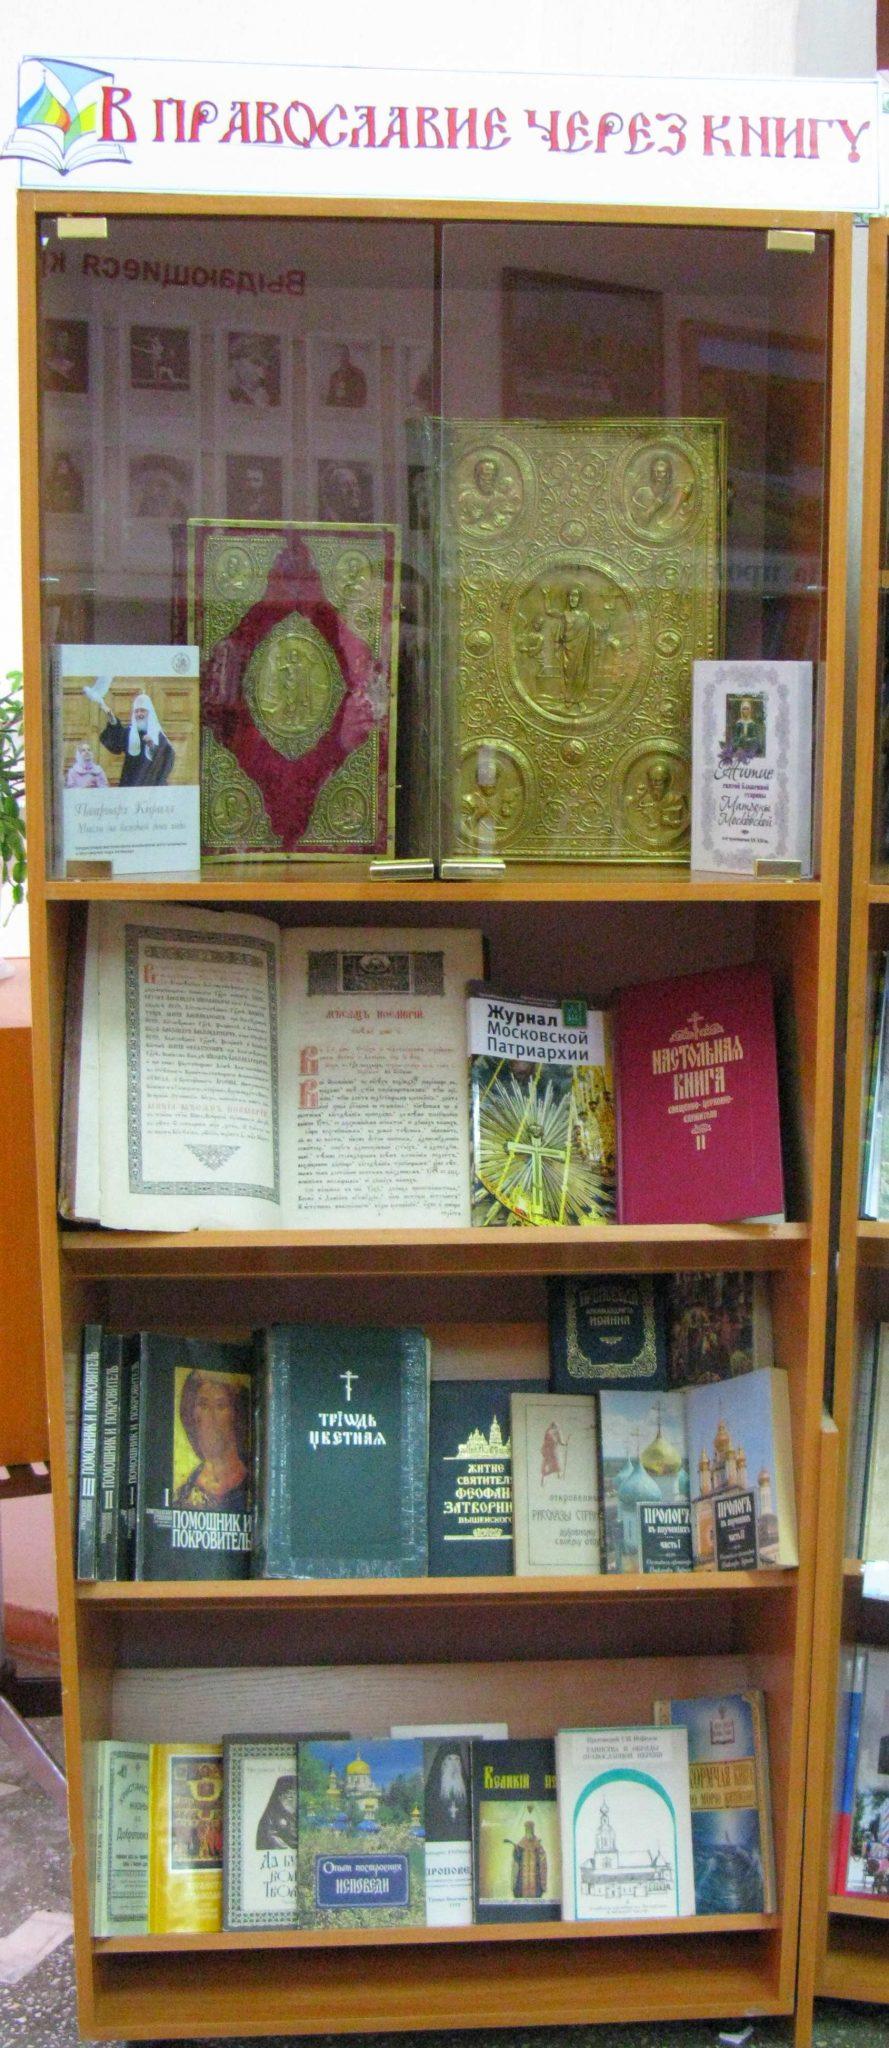 В православие через книгу